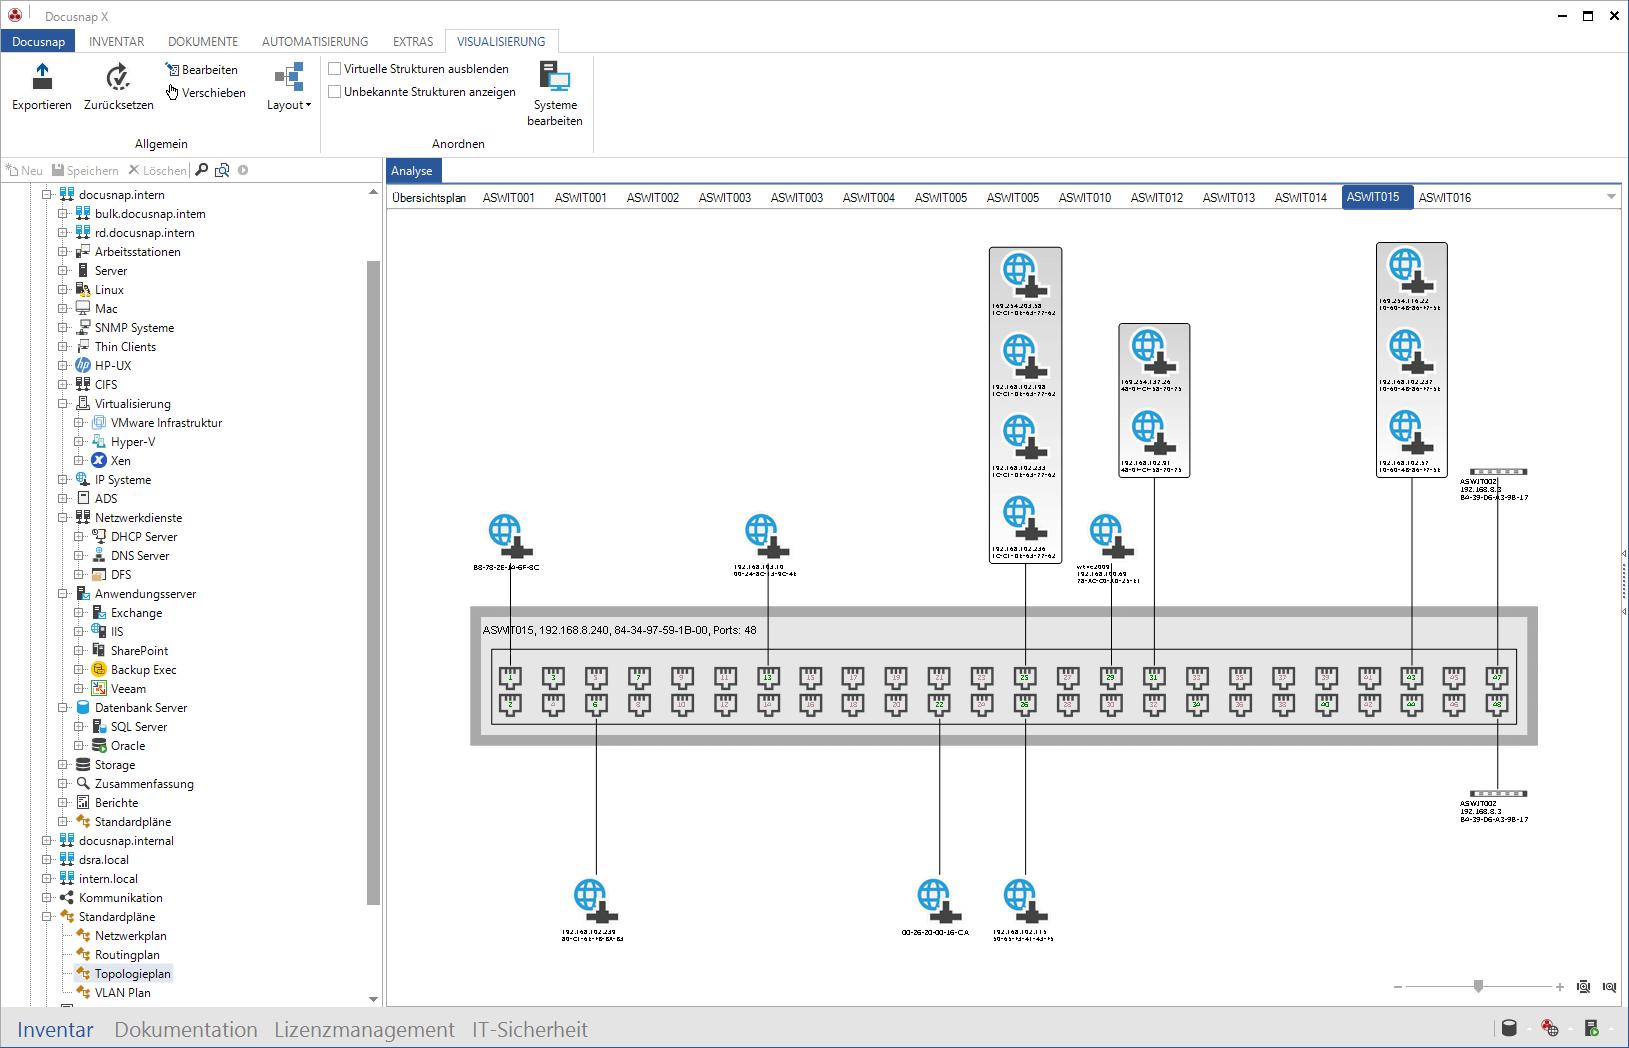 SNMP Inventarisierung und Visualisierung der Portbelegung